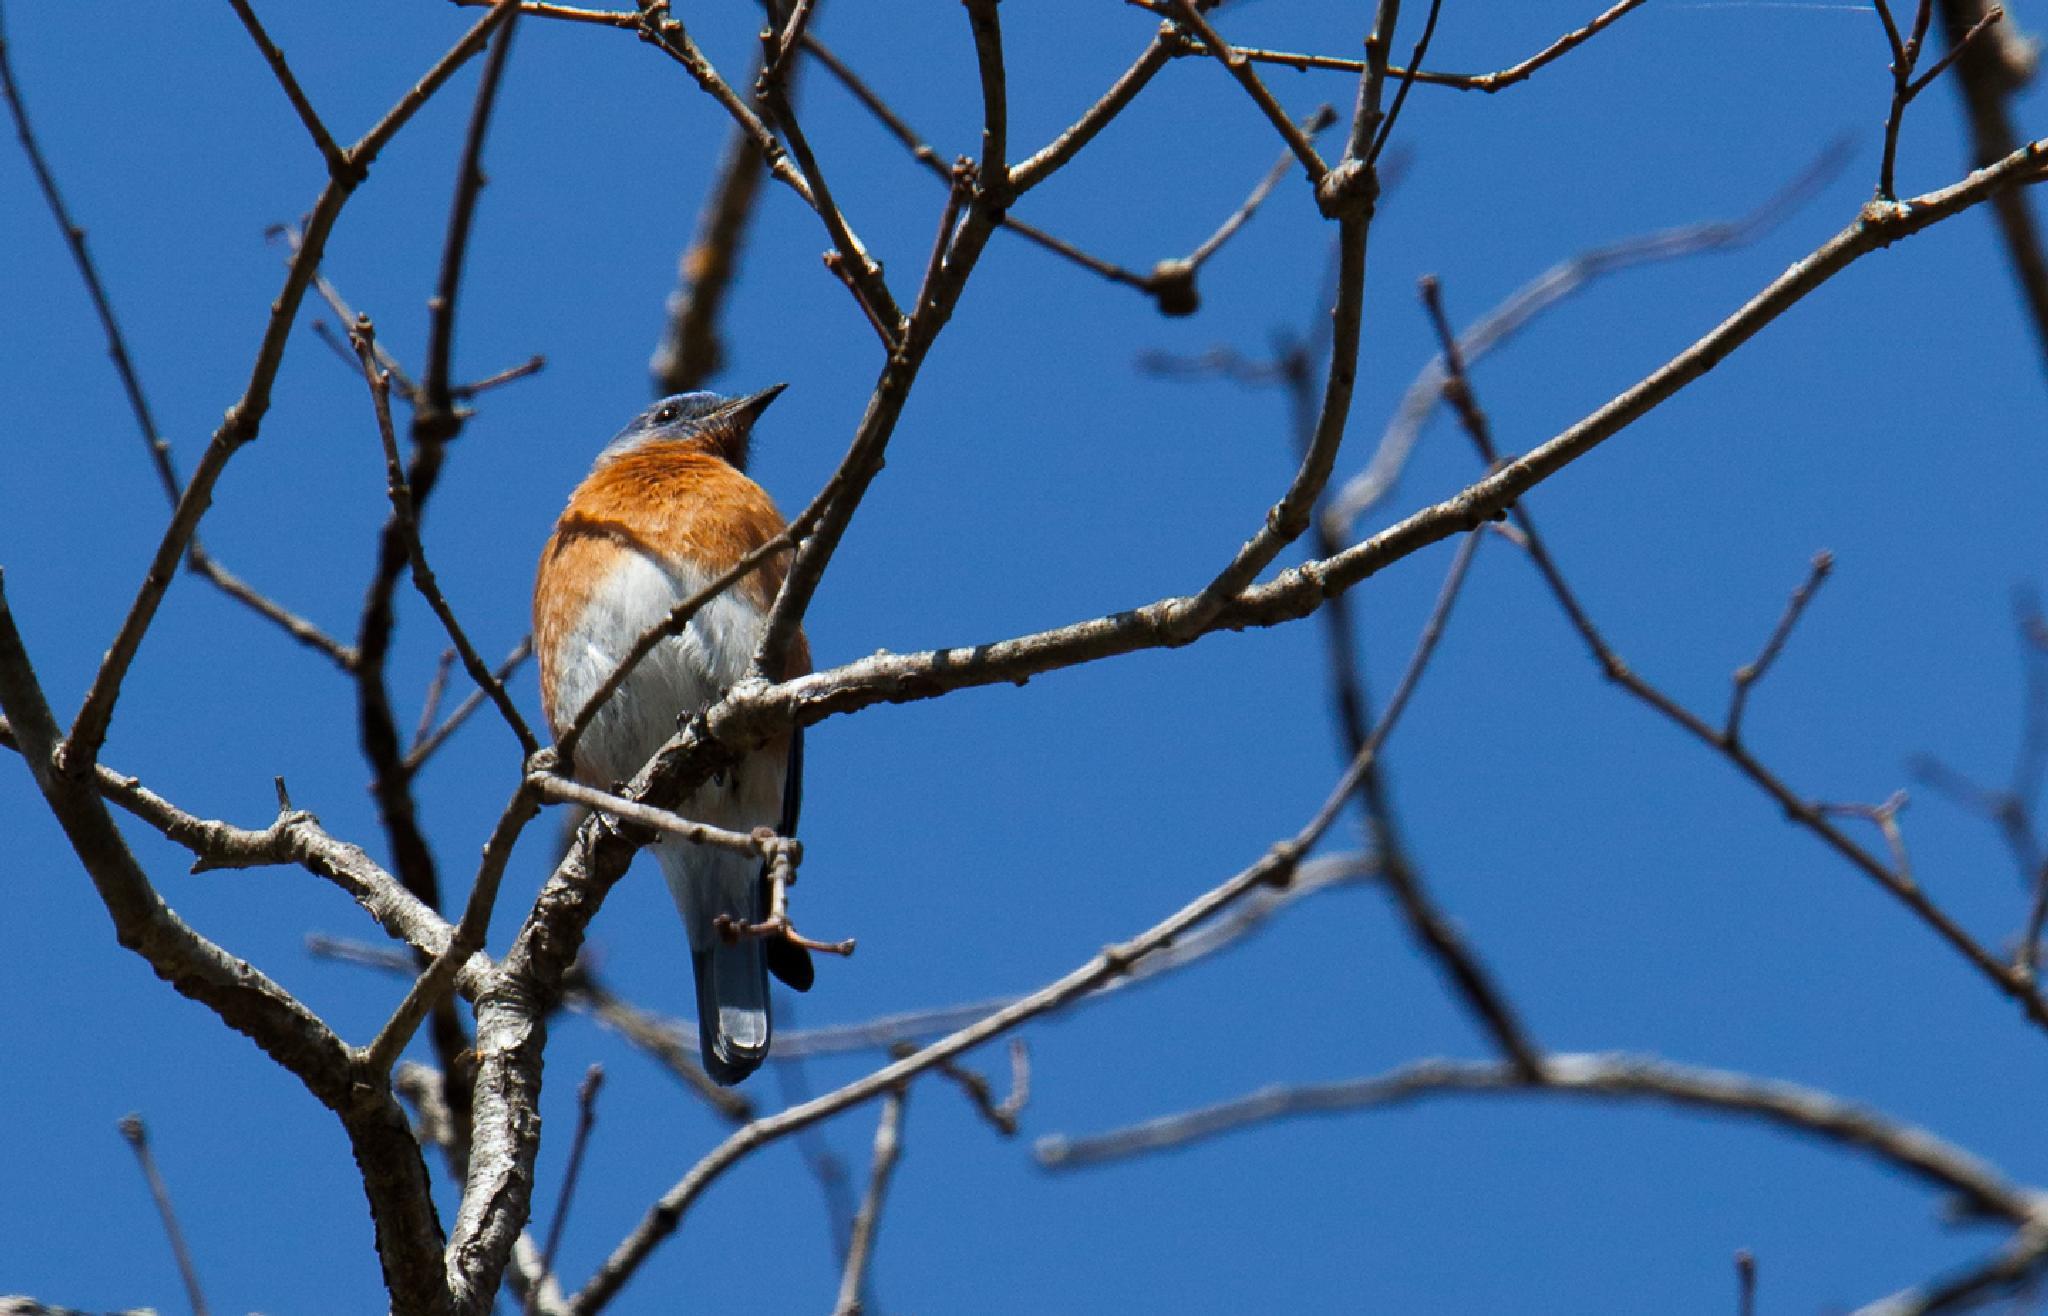 Bluebird 2 by Gene Linzy